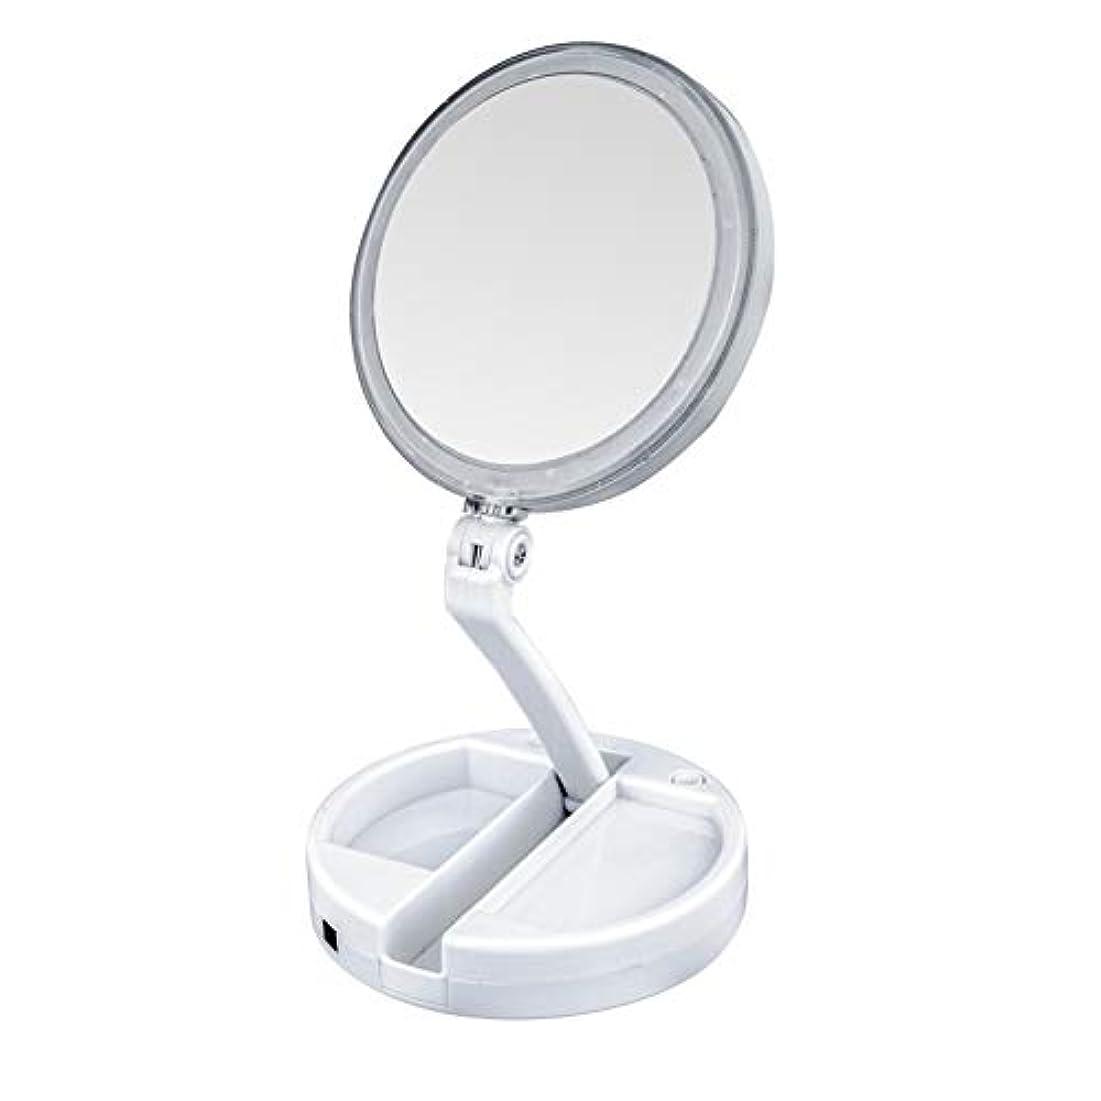 アメリカハチ社会主義者lily's JP home 化粧鏡 拡大鏡 LEDライト付き 女優ミラー 両面鏡 折りたたみメイク鏡 携帯便利360°回転ミラー USB充電式と電池式 収納ボックス付き 照明用